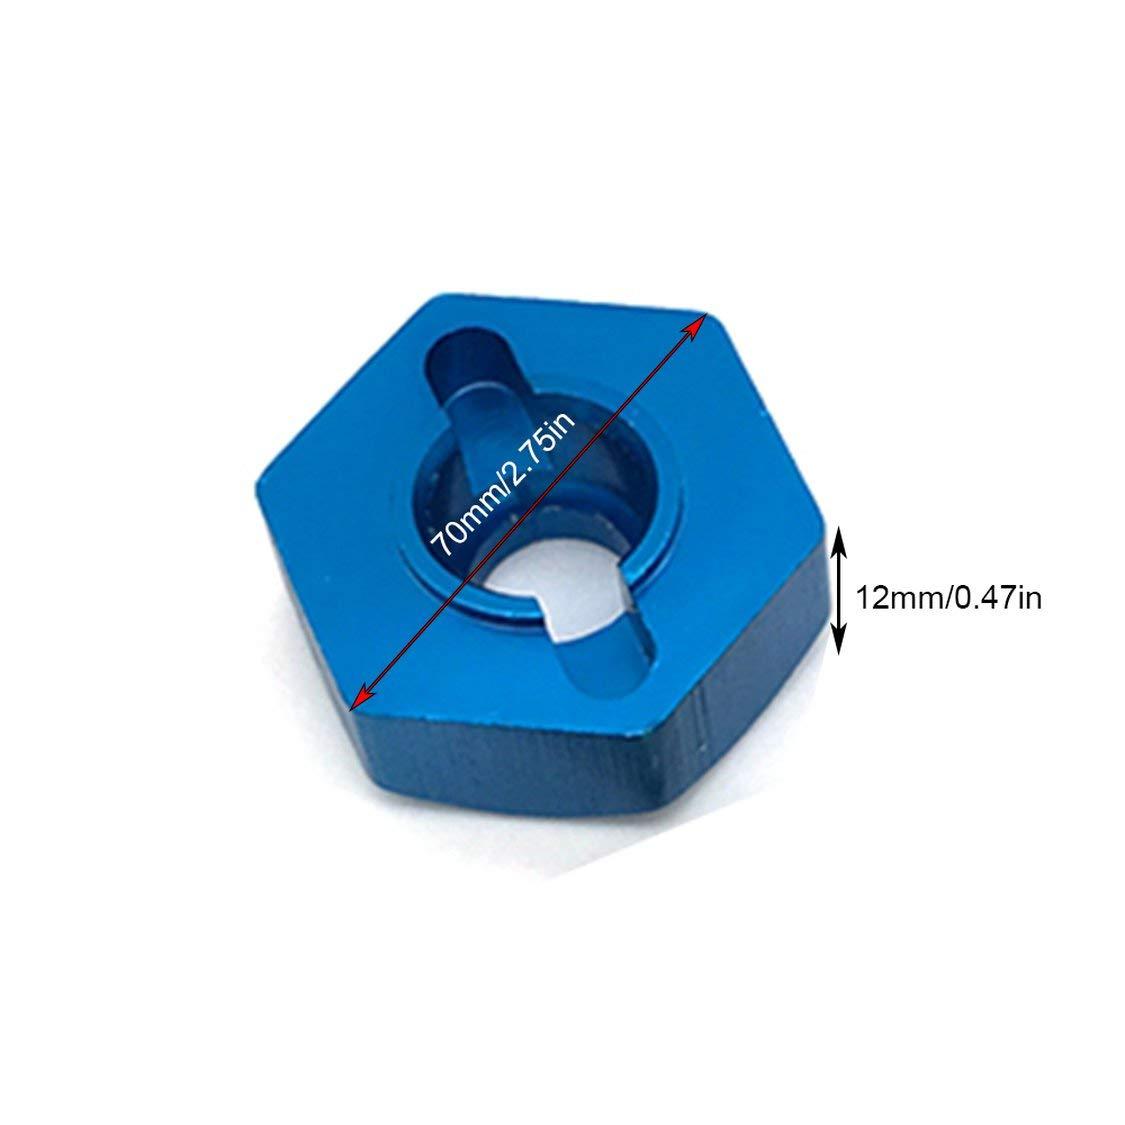 ITFancysweety Accoppiatore per Sedile a Ruota Esagonale Durevole da 12 mm per WLtoy K949 10428-A Accessori per Auto rampicanti a Quattro Ruote per Auto RC